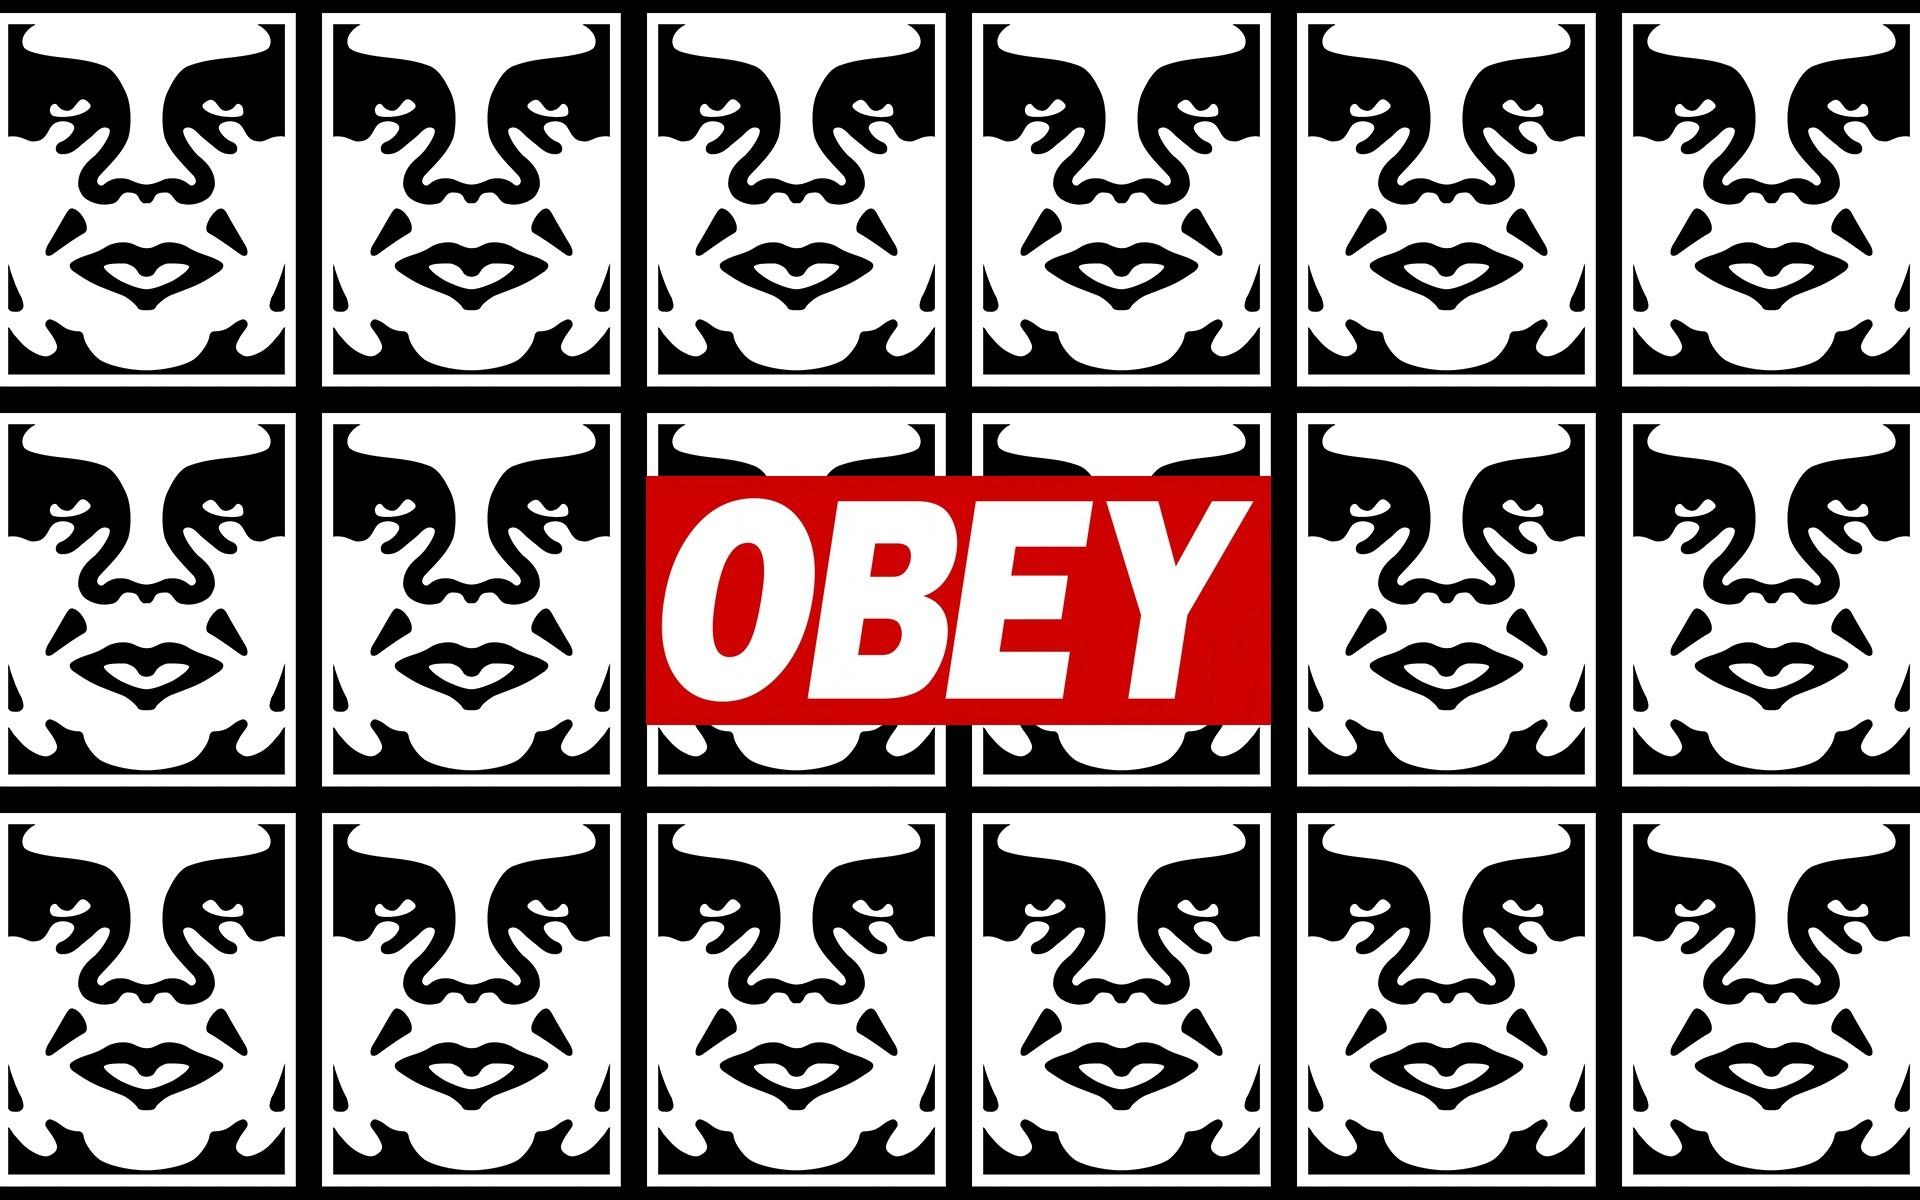 Obey graffiti stencils anarchy humor texts dark sadic wallpaper .